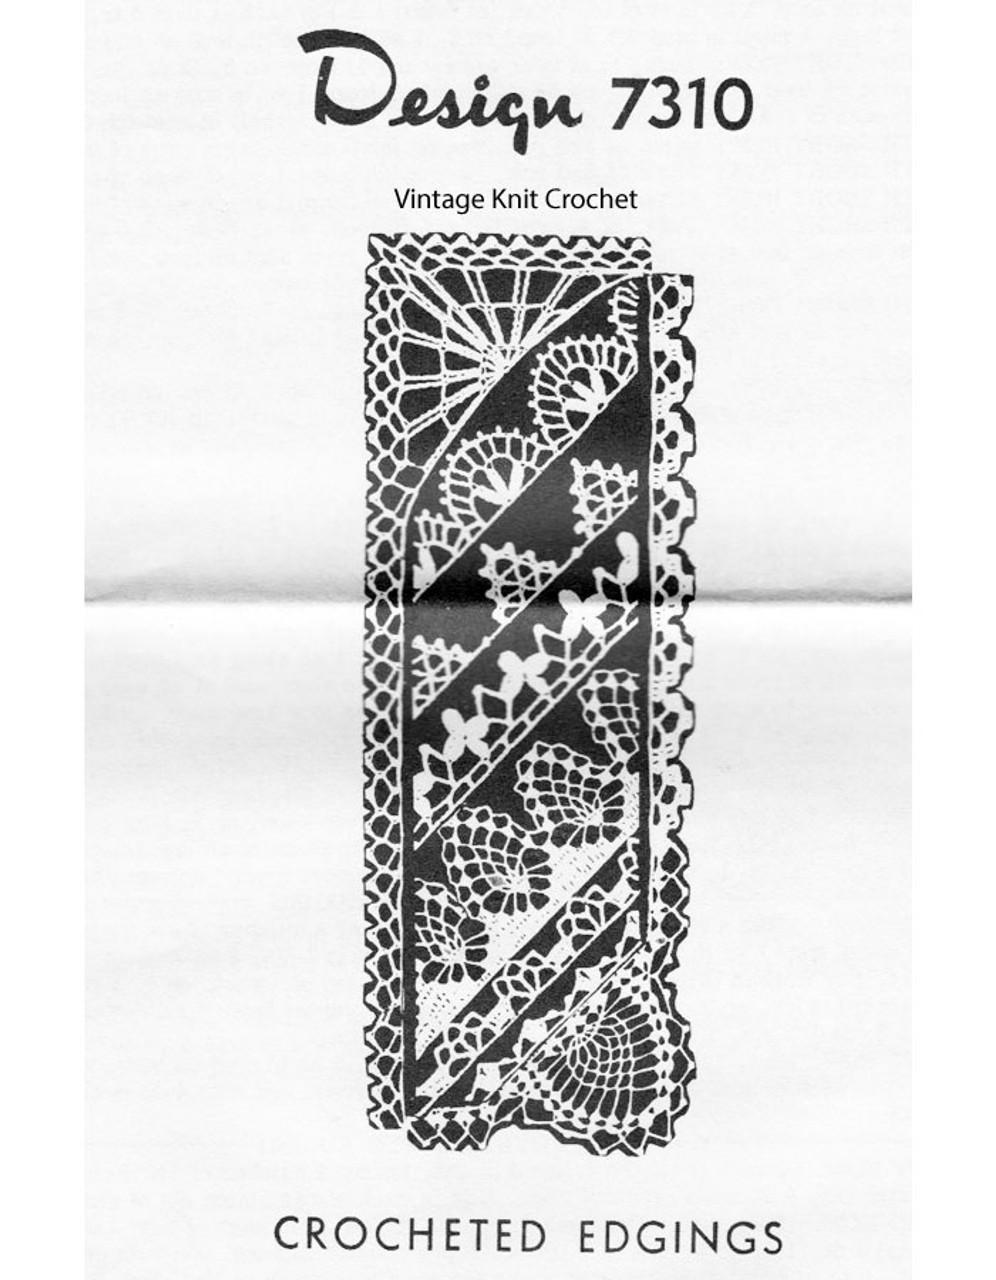 Crocheted Pineapple Edgings Pattern Design 7310